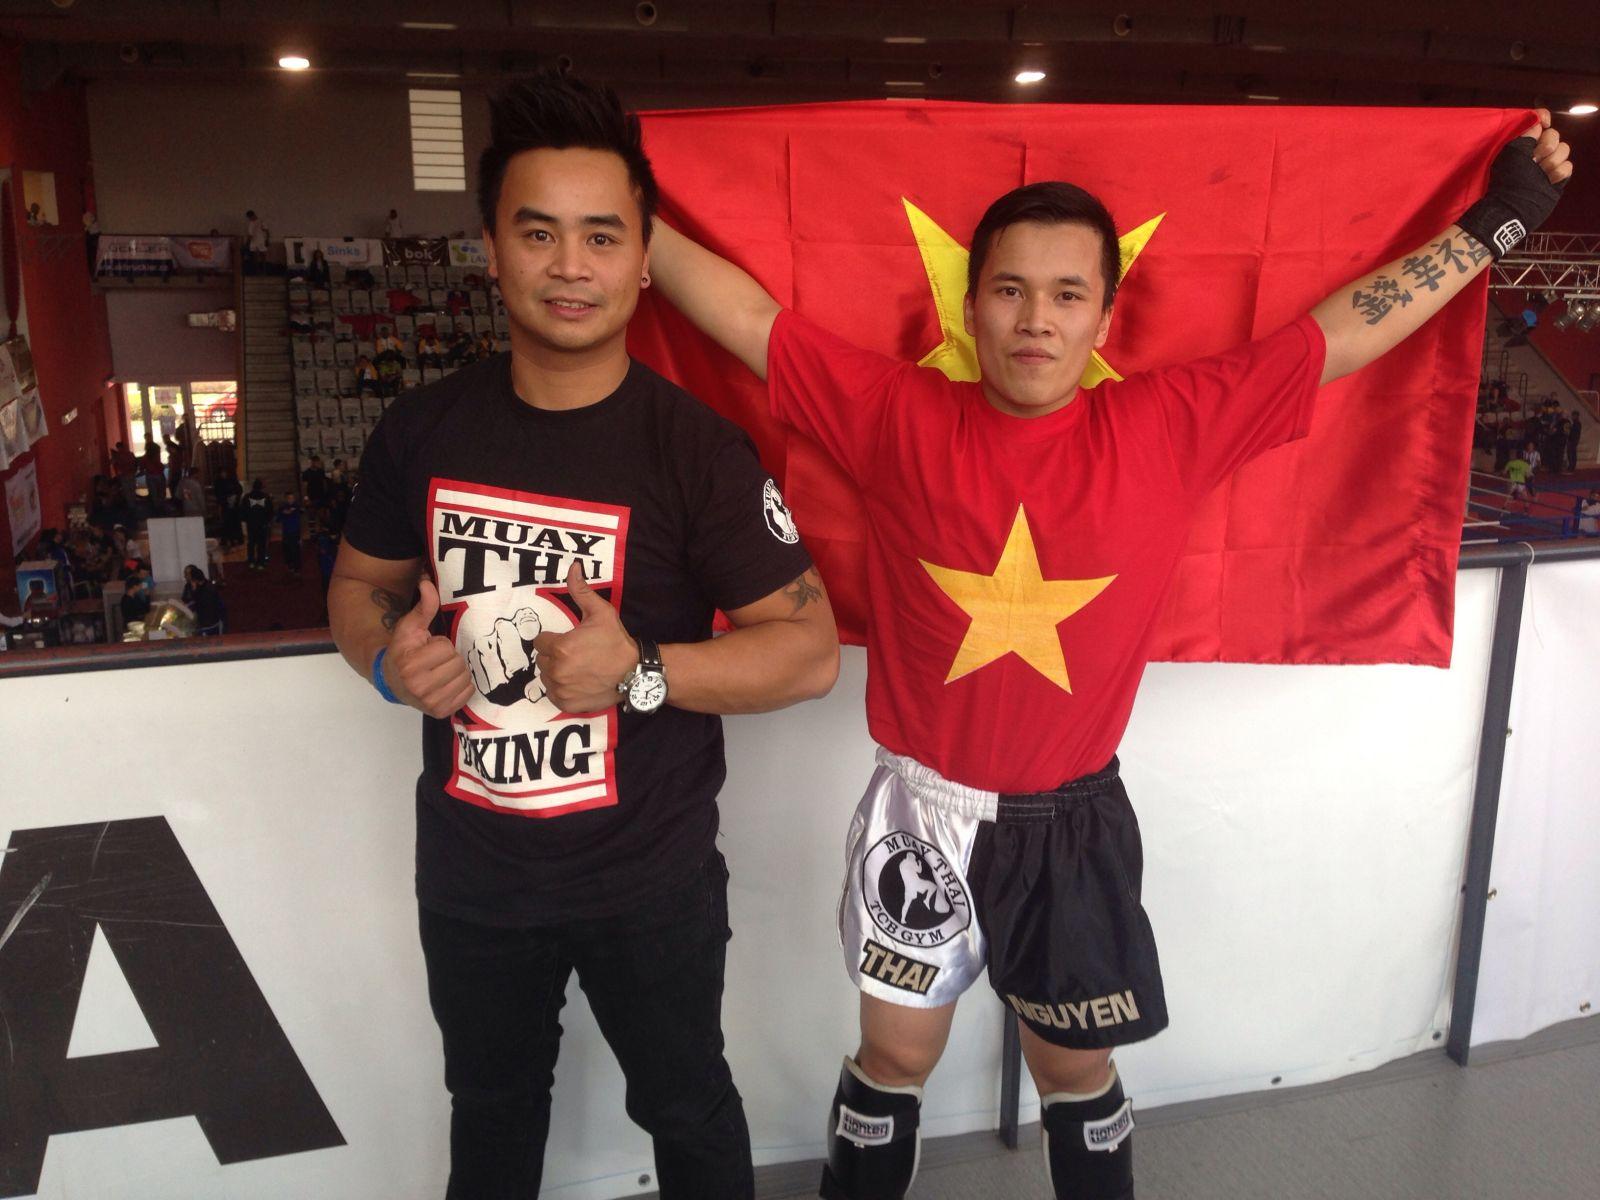 Patrik Nguyen